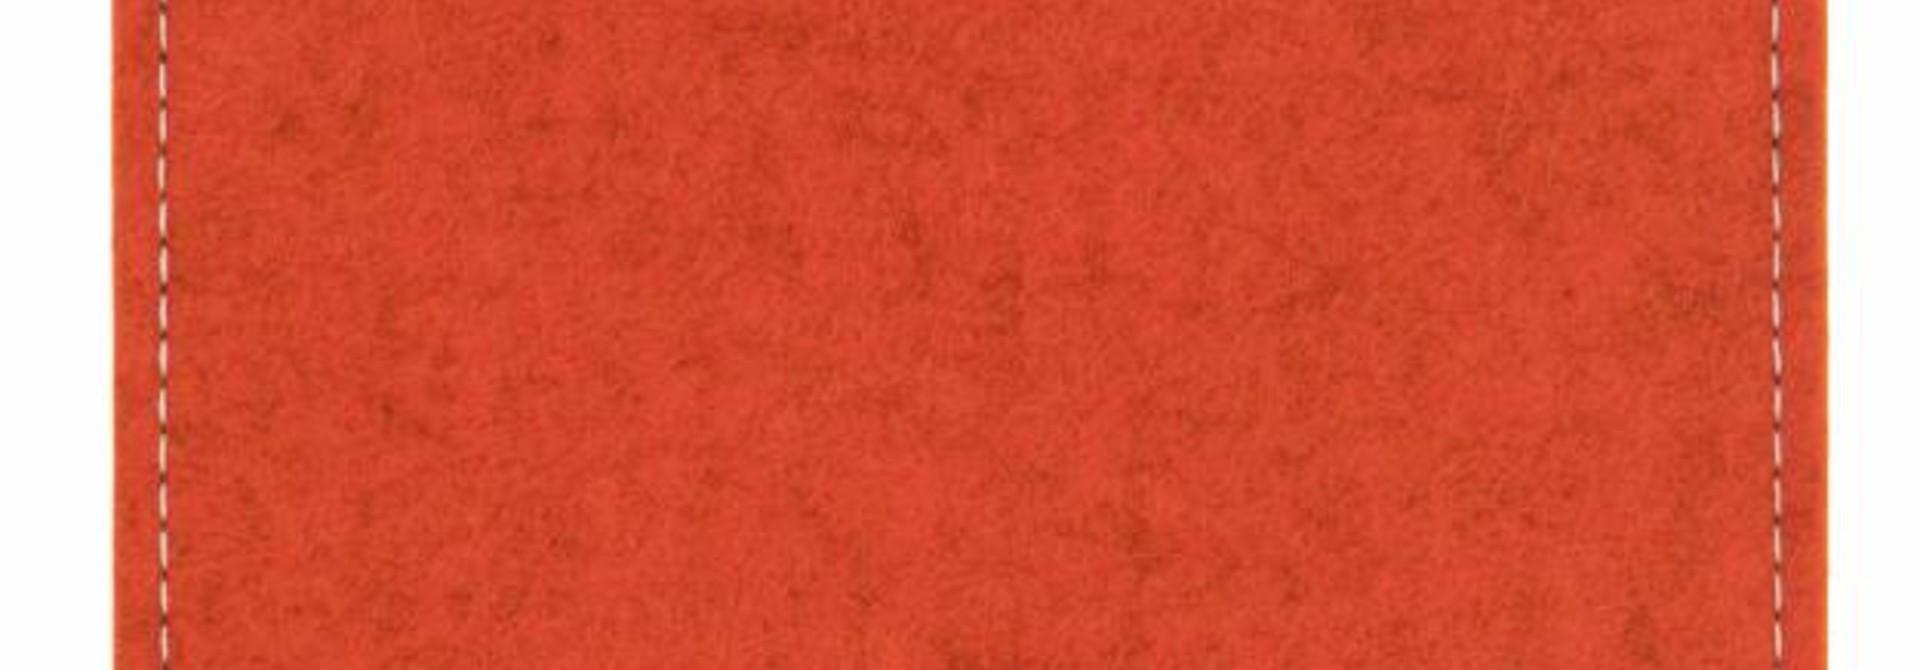 Tablet Sleeve Rust